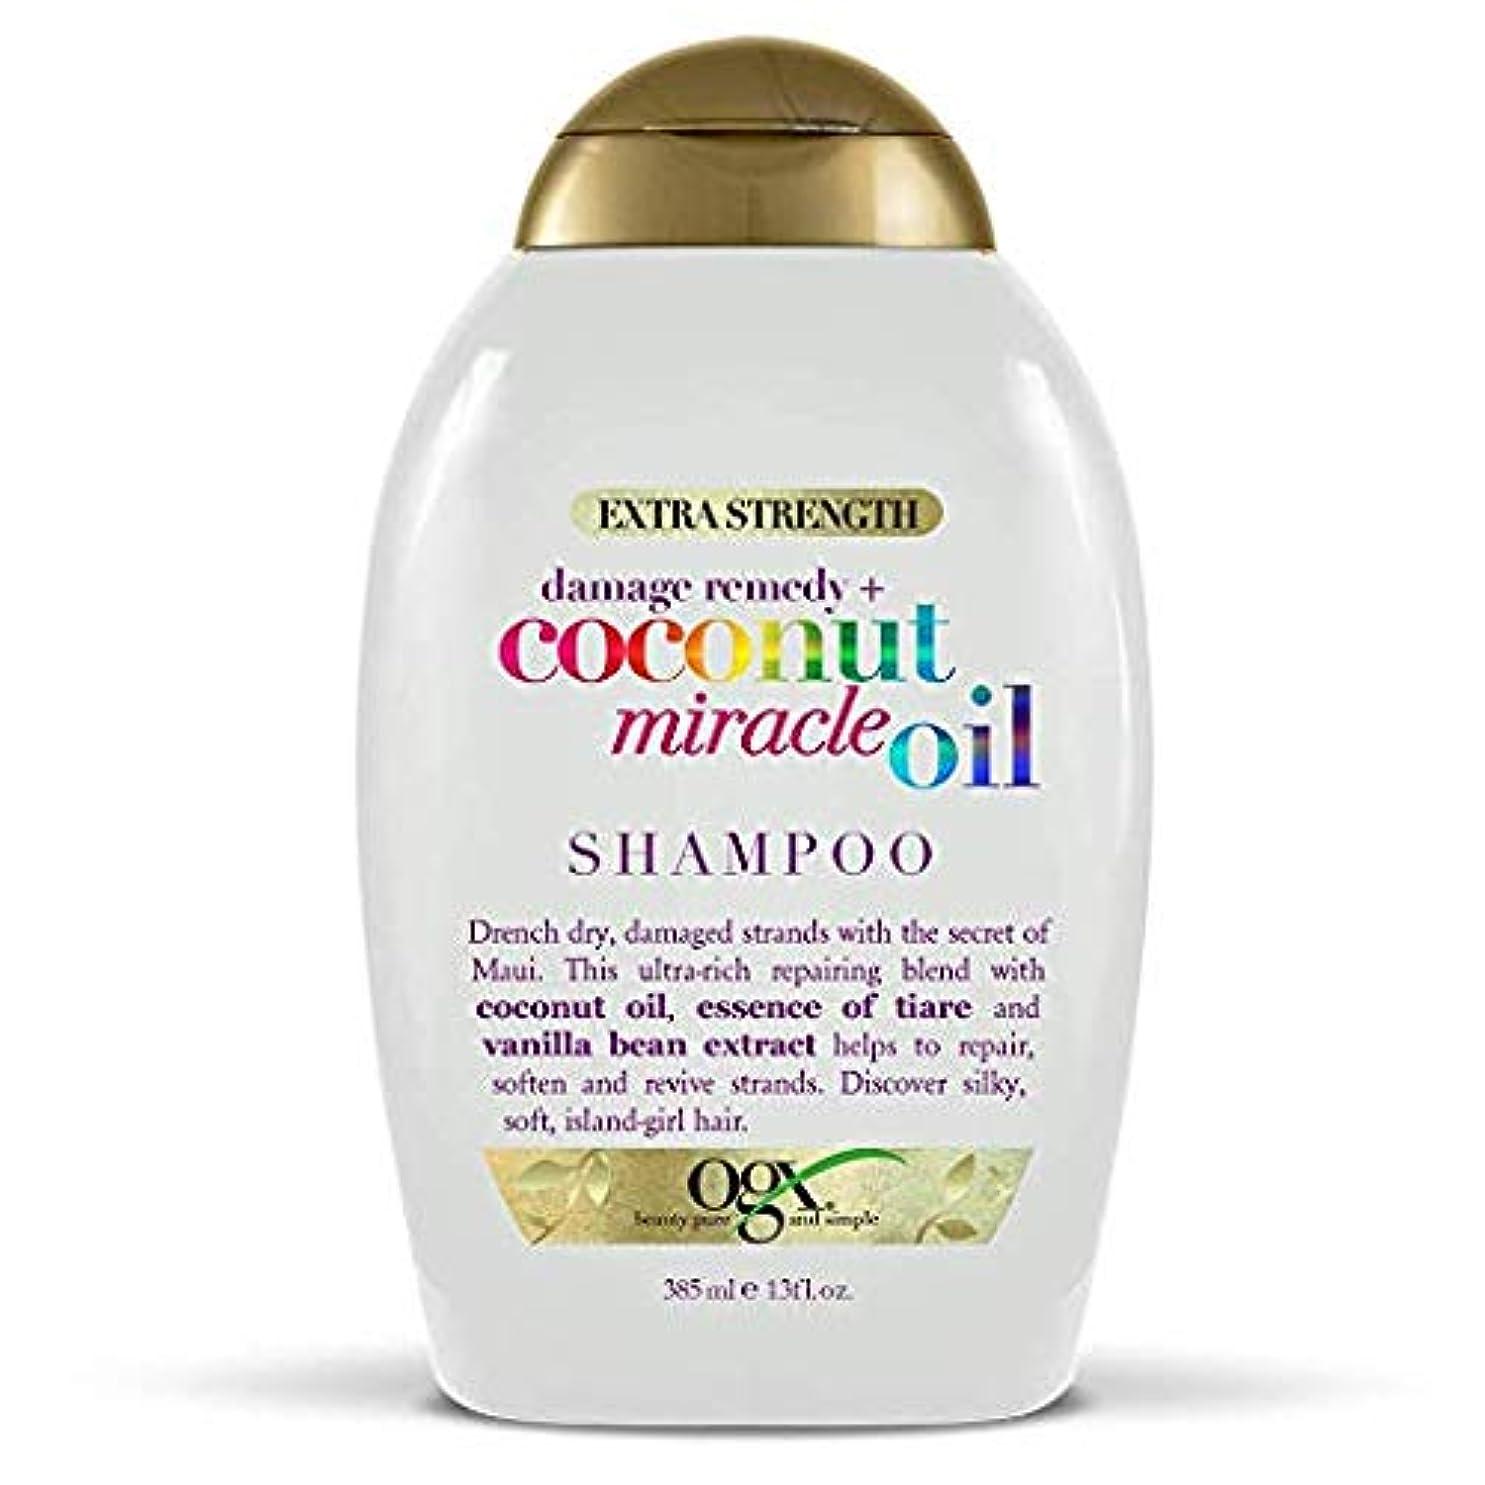 加速するできた接辞Ogx Shampoo Coconut Miracle Oil Extra Strength 13oz OGX ココナッツミラクルオイル エクストラストレングス シャンプー 385ml [並行輸入品]